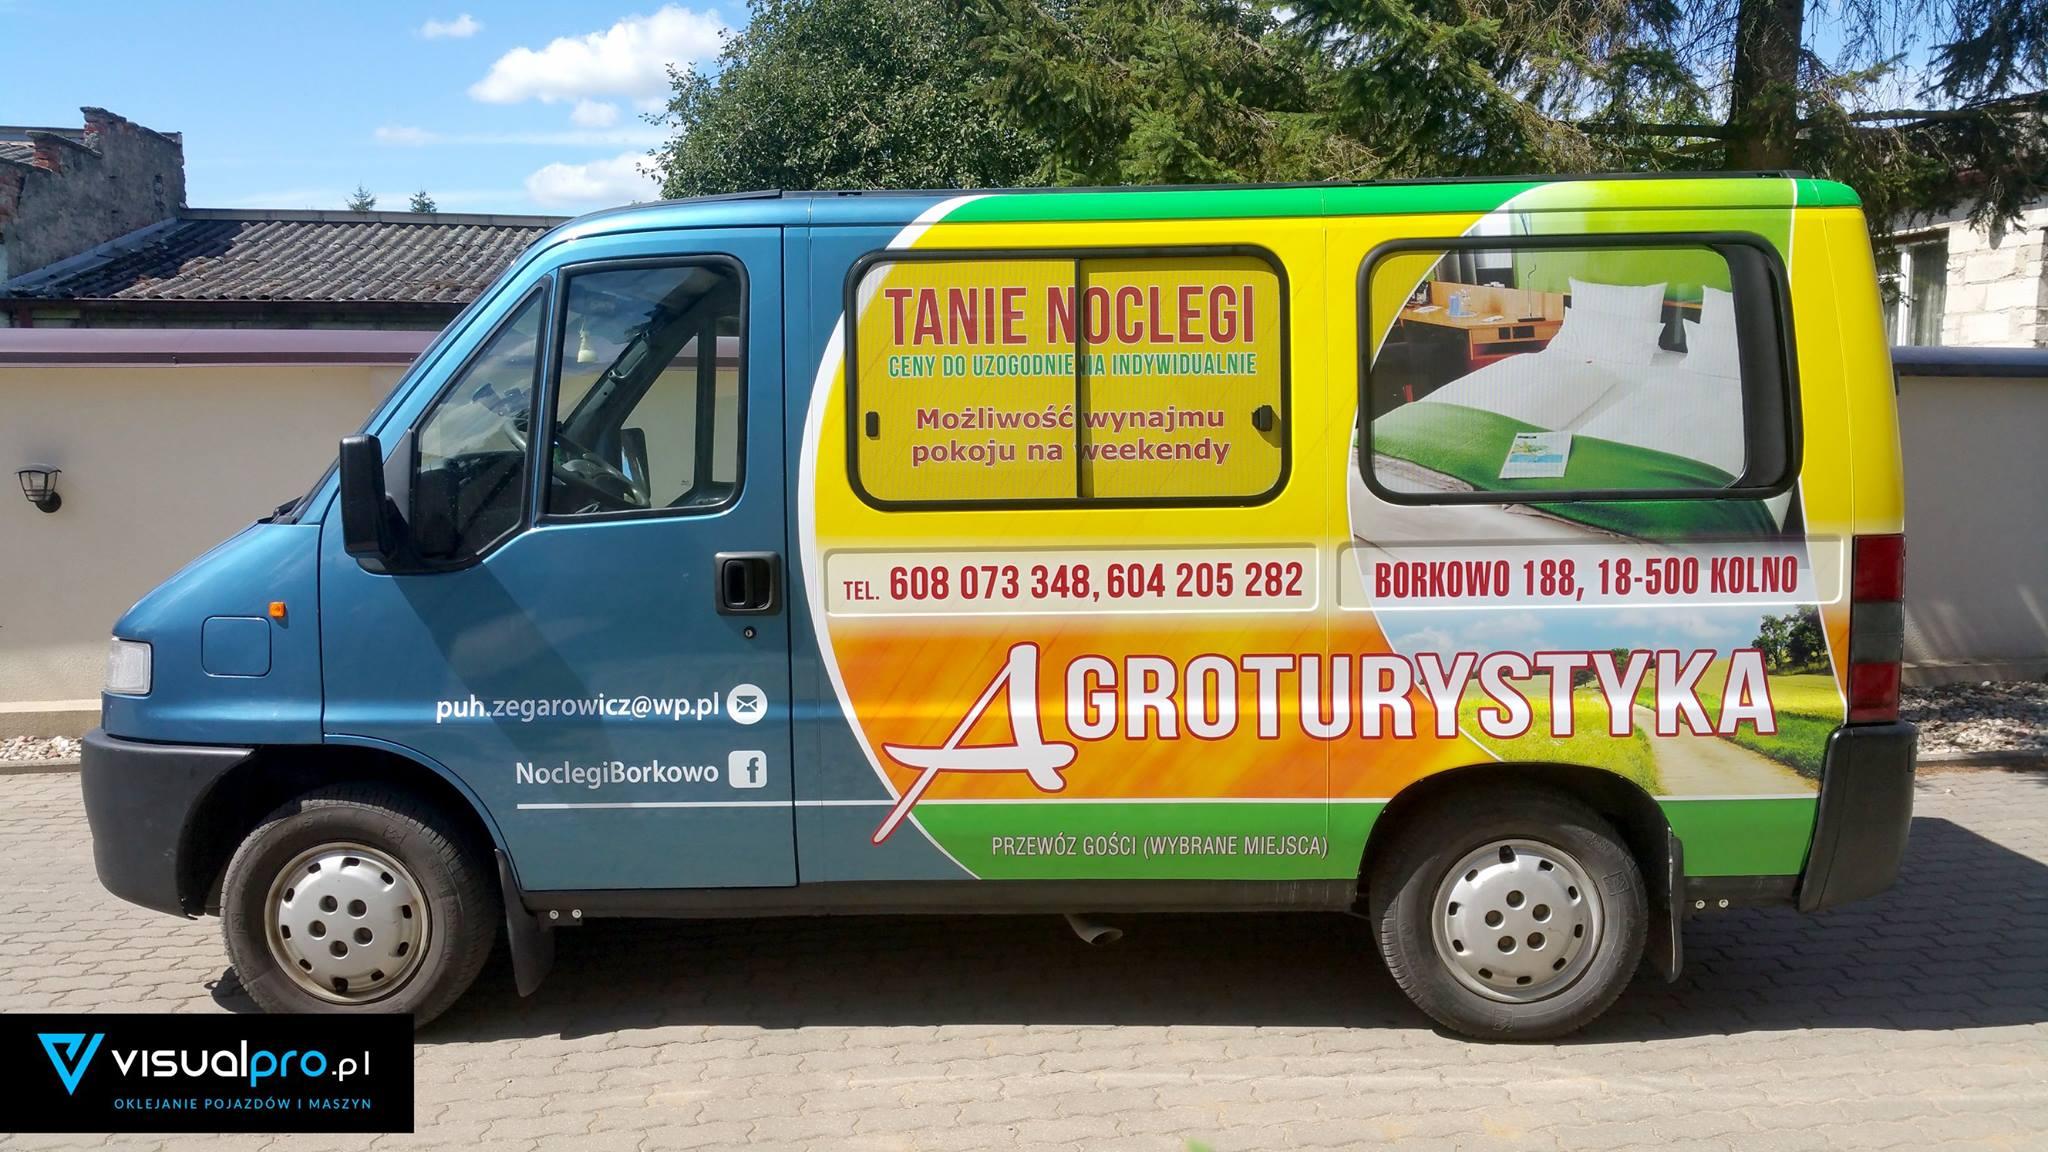 Reklama Na Samochodzie Agroturystyka